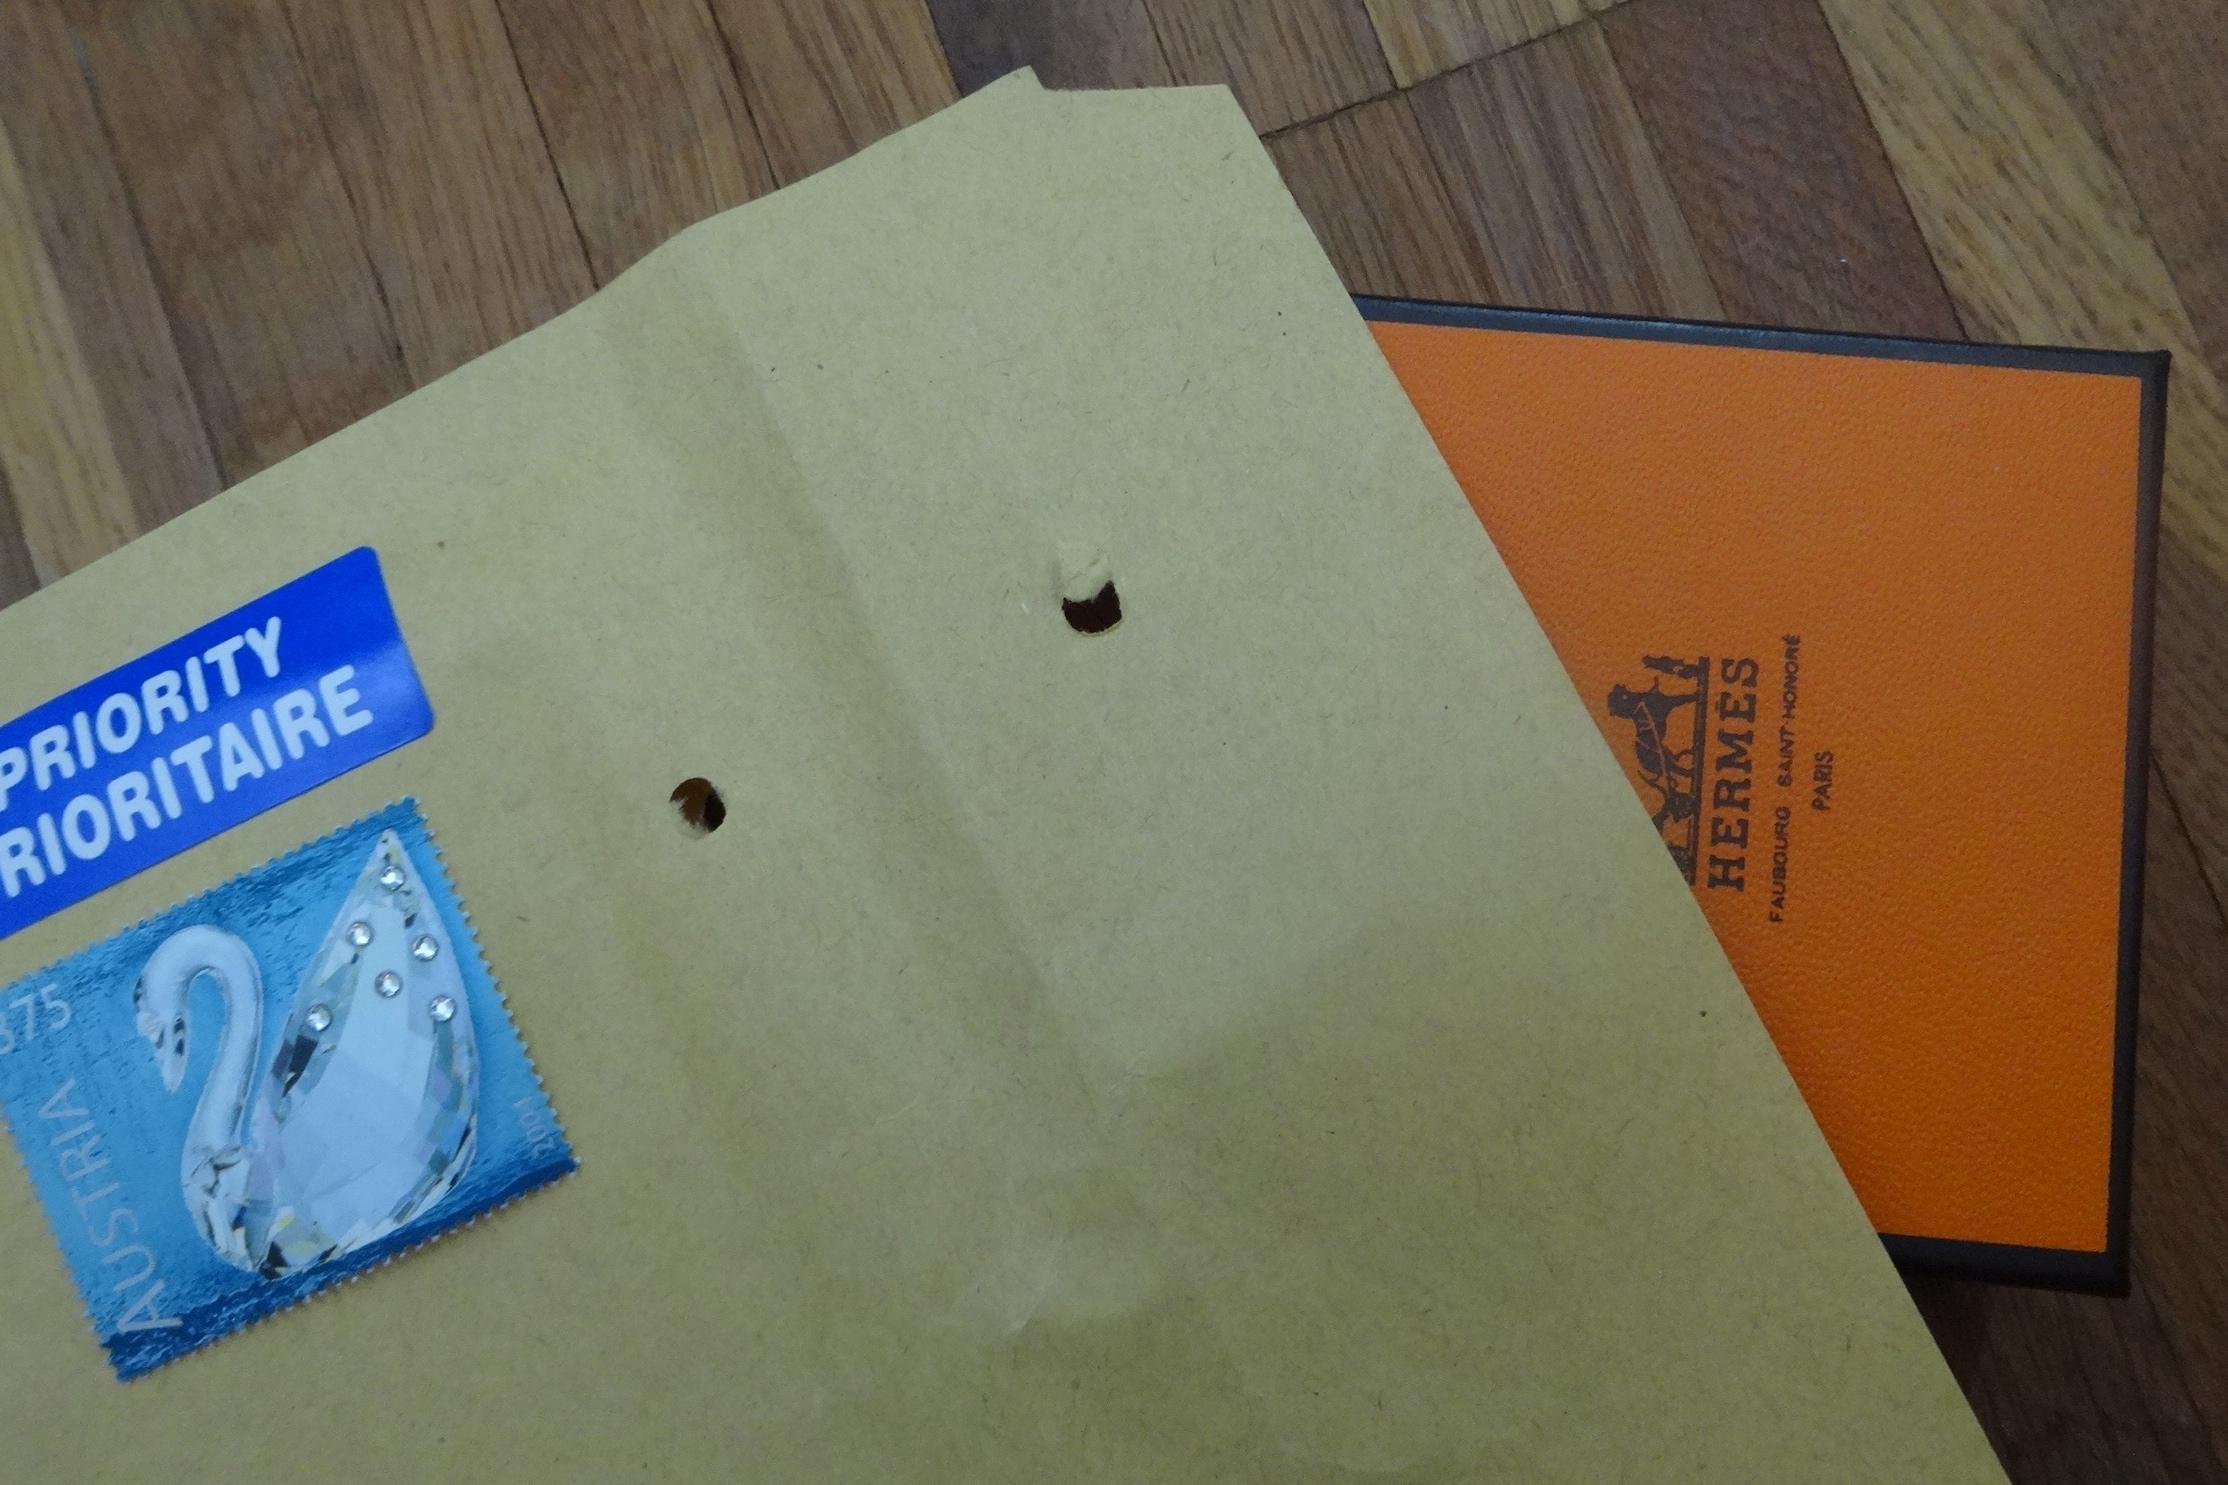 DSC03200 Hermes Seidenspaghetti 4 HappyFace313